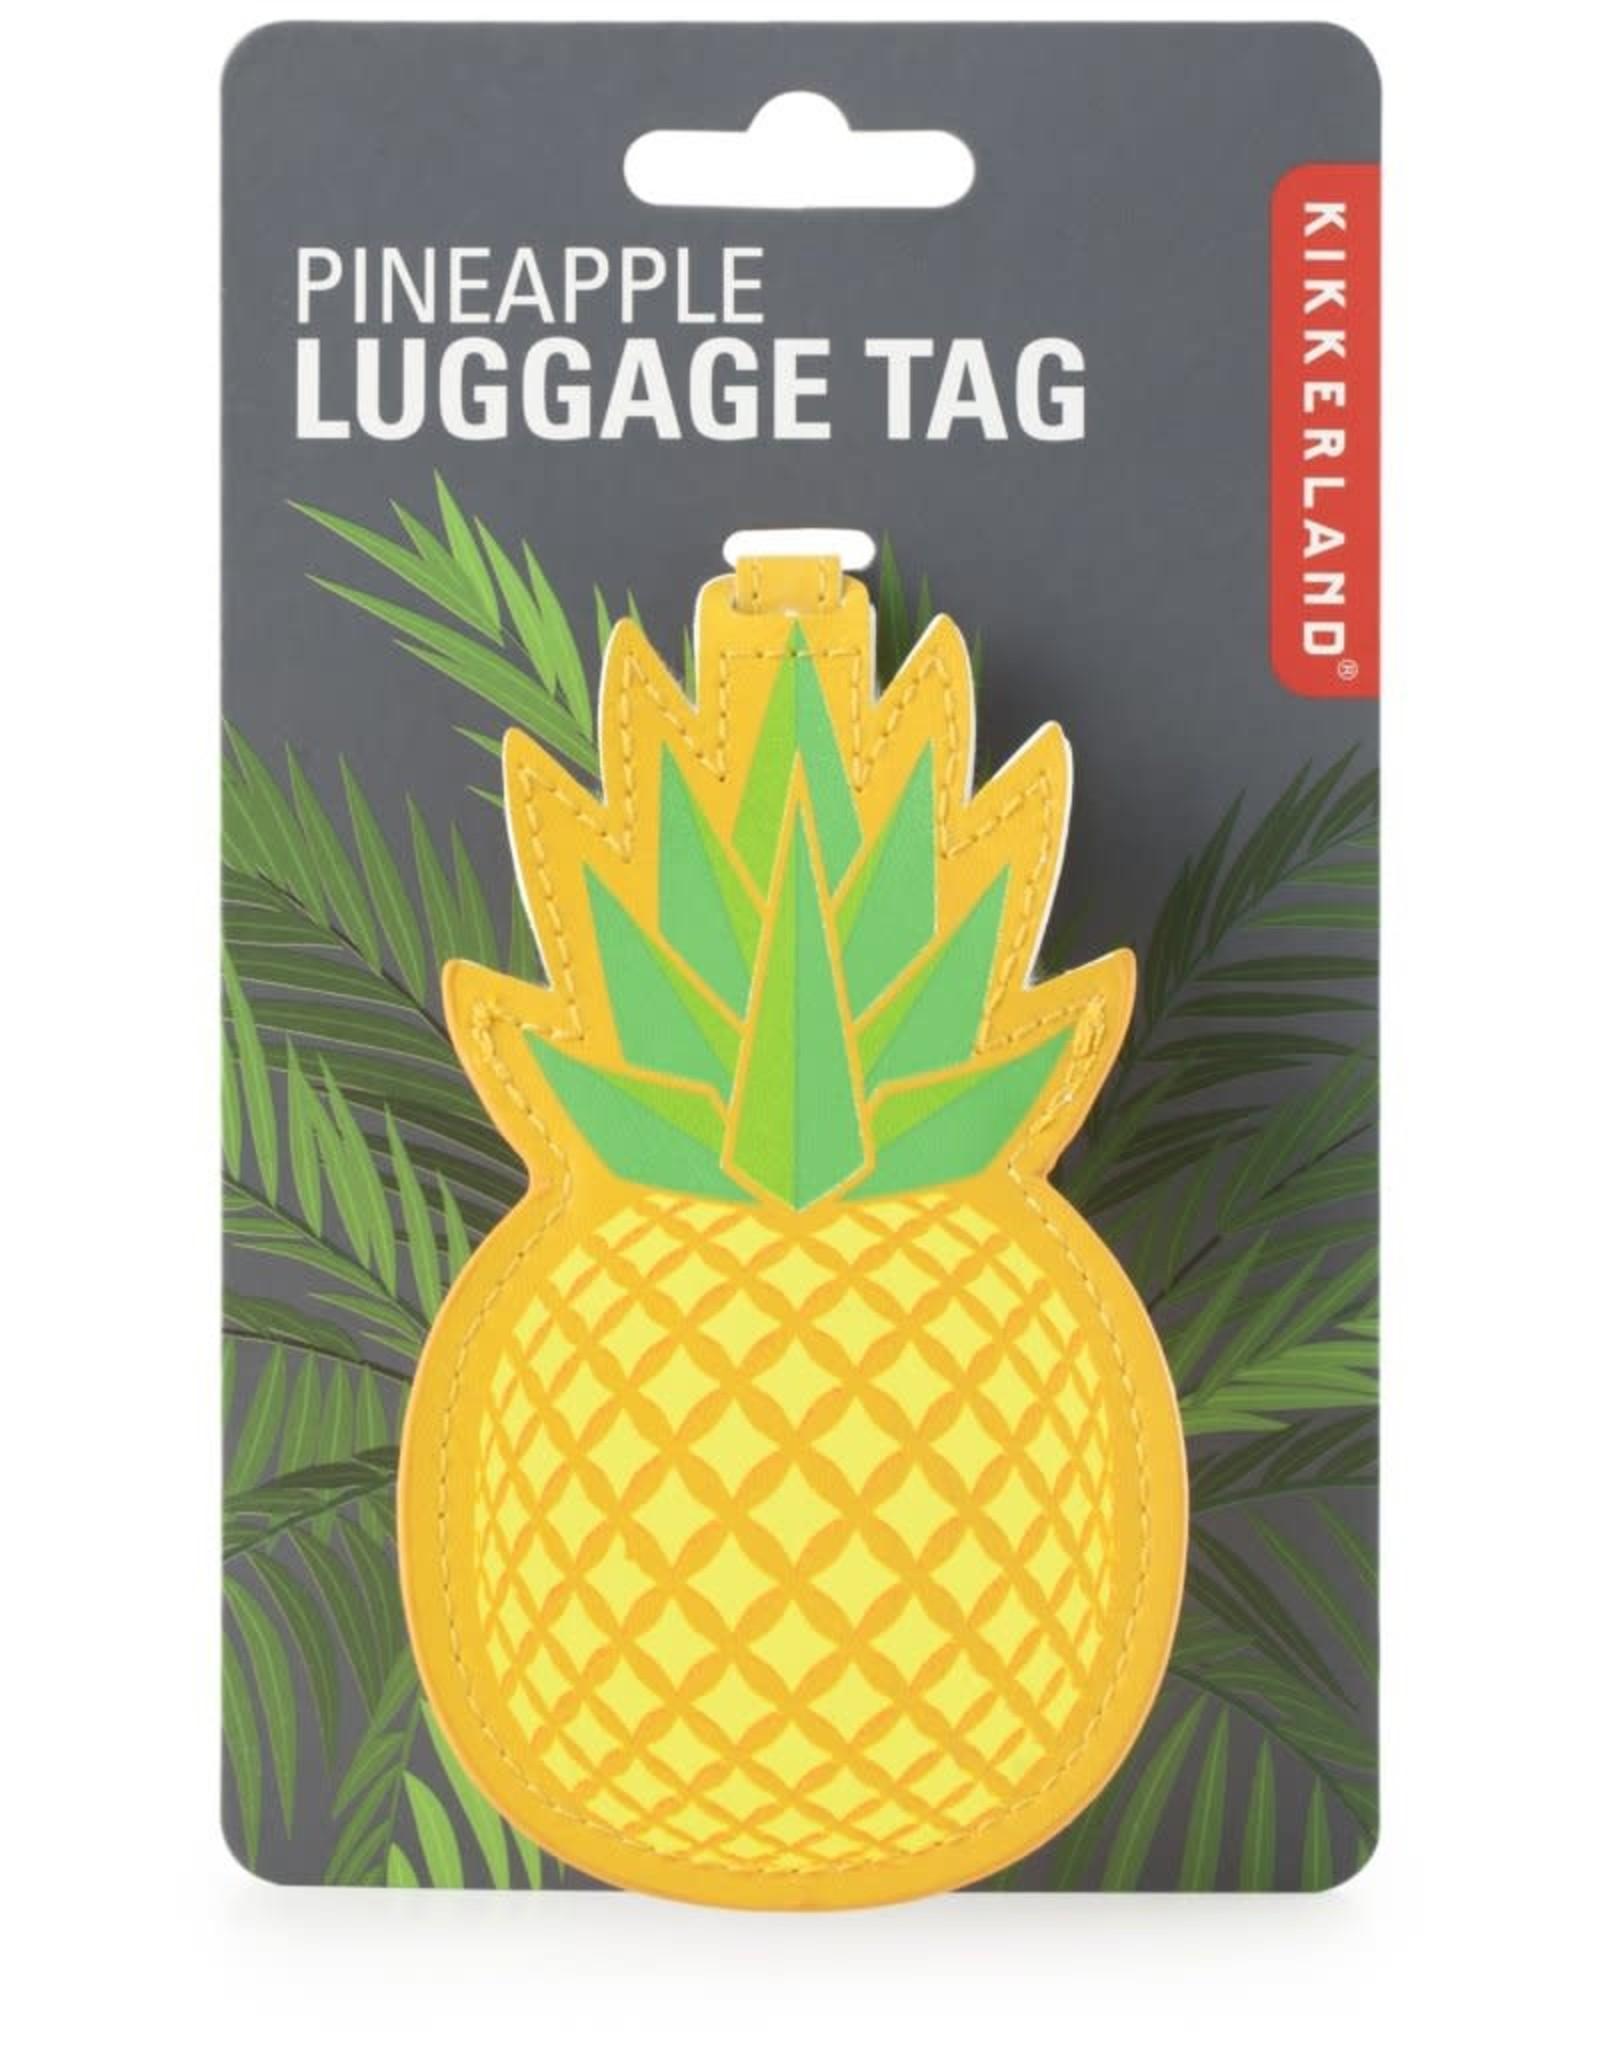 Kikkerland Luggage Tag Pineapple